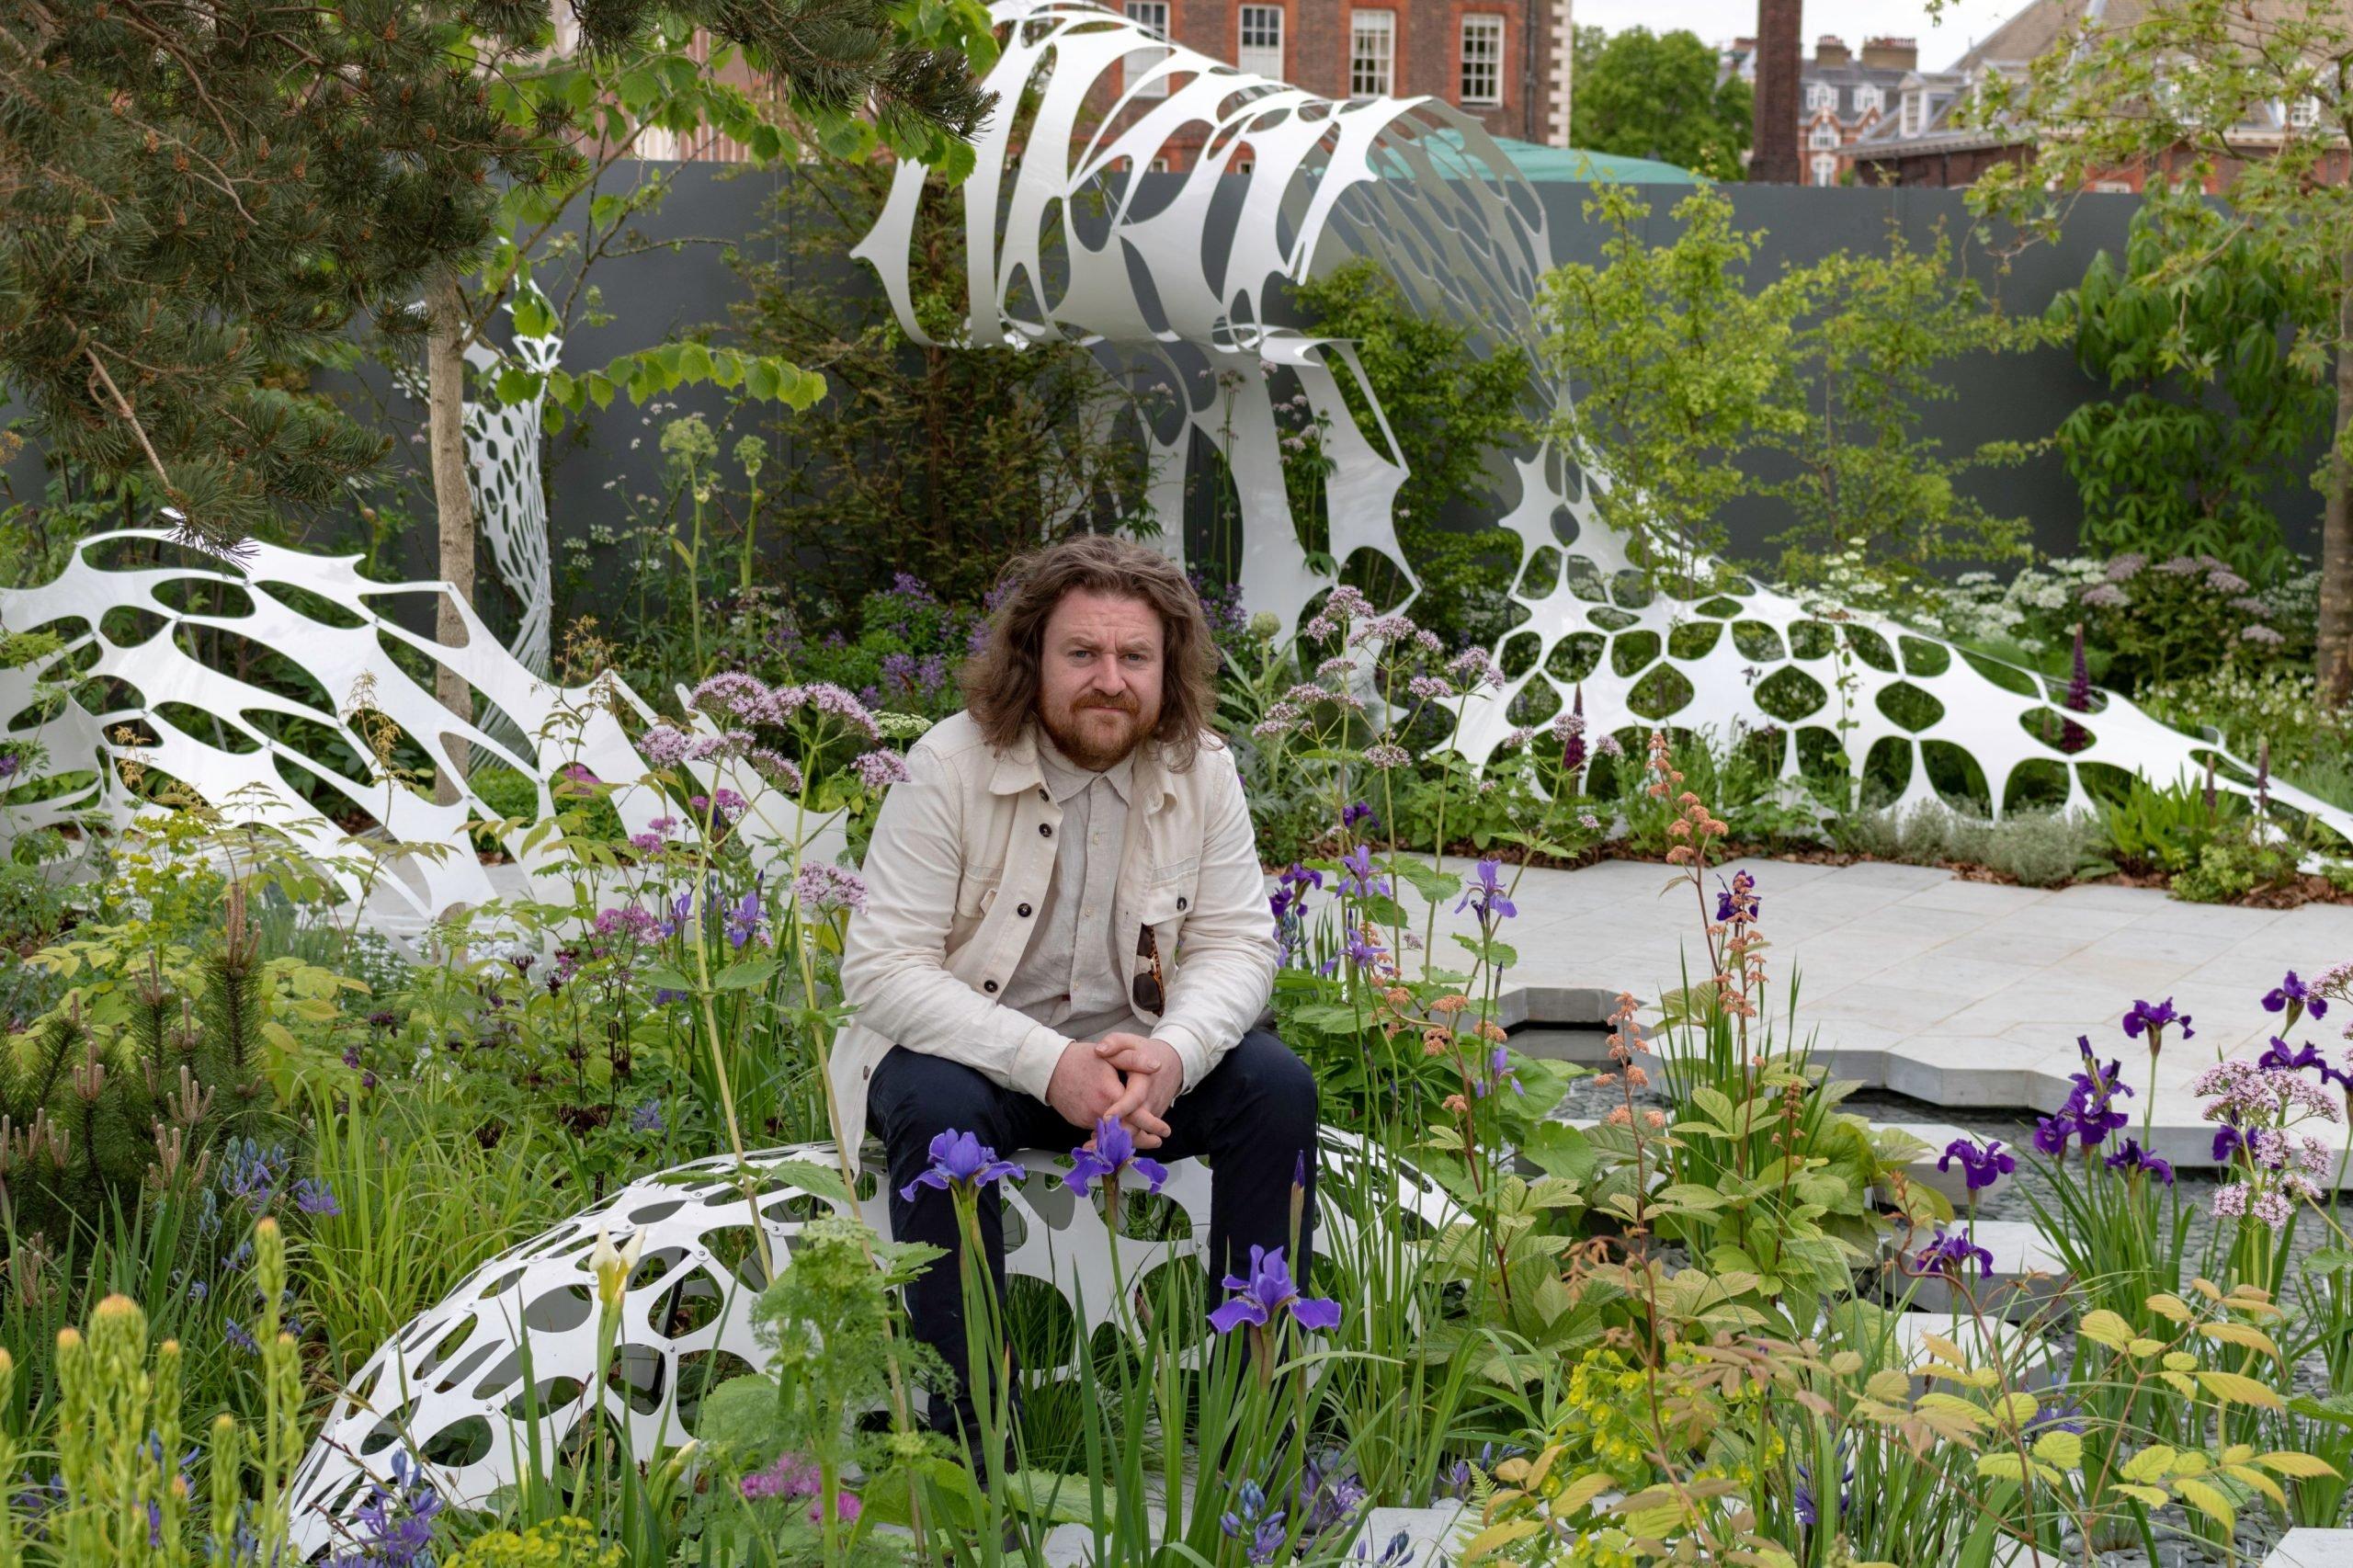 artist lazerian mcr garden